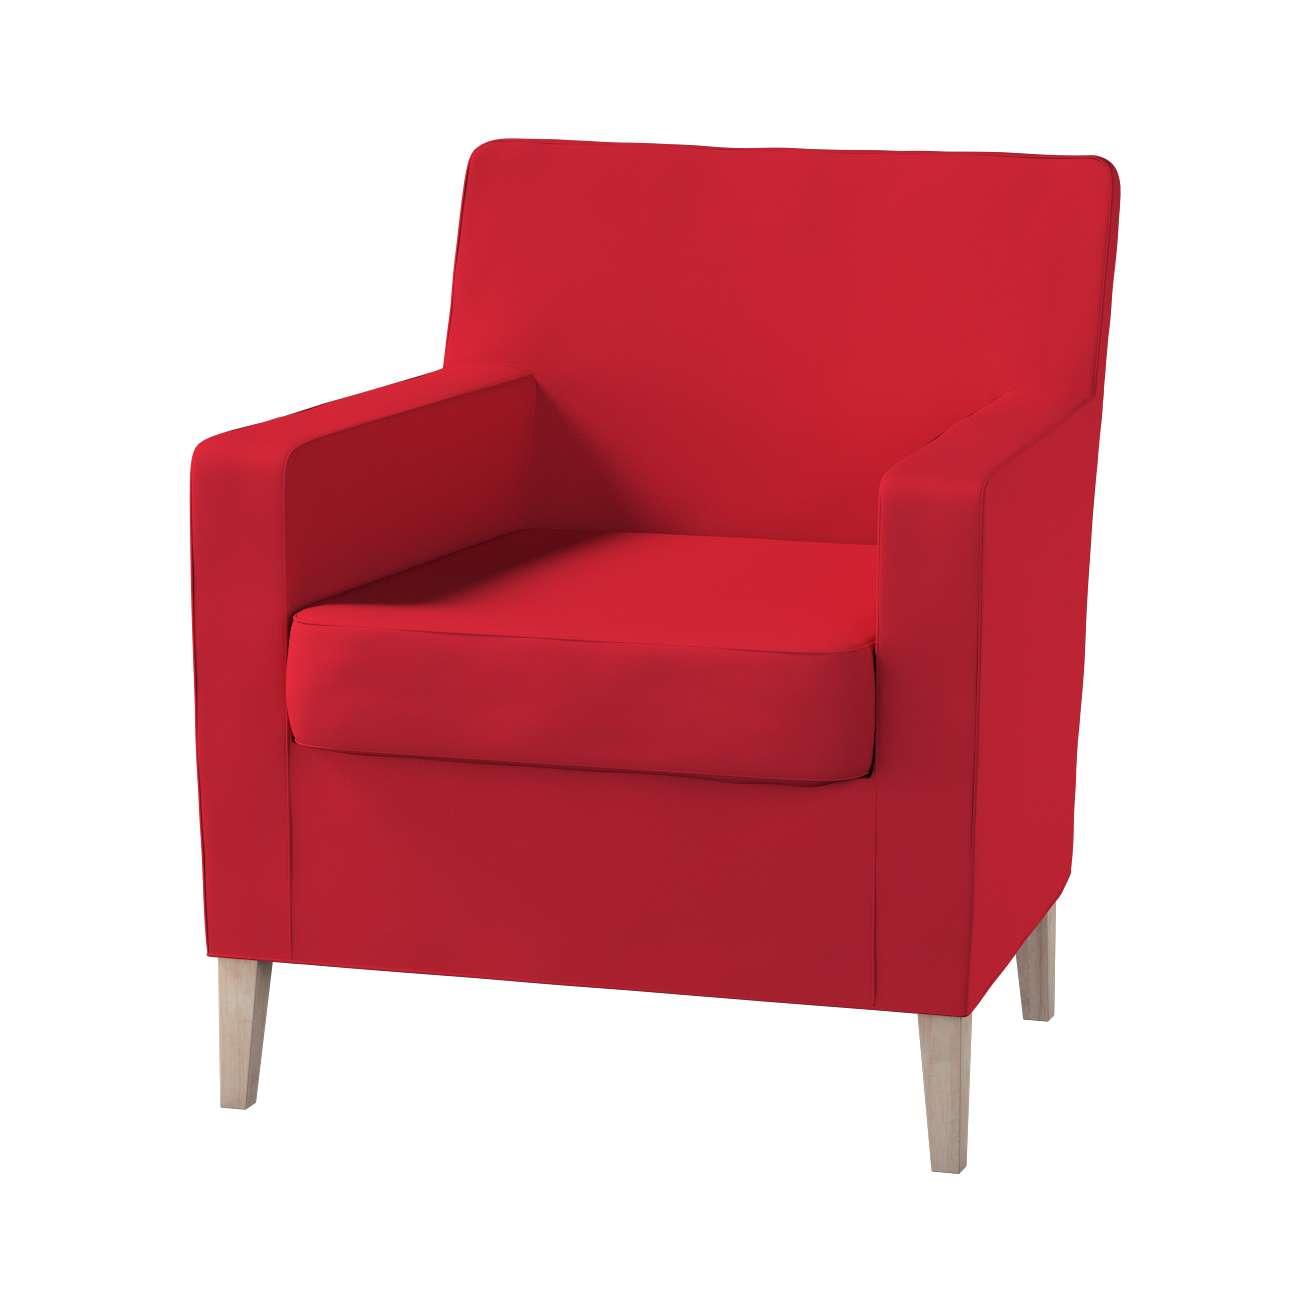 Karlstad fotelio-kėdės užvalkalas Karlstad fotelio - kėdės užvalkalas kolekcijoje Cotton Panama, audinys: 702-04